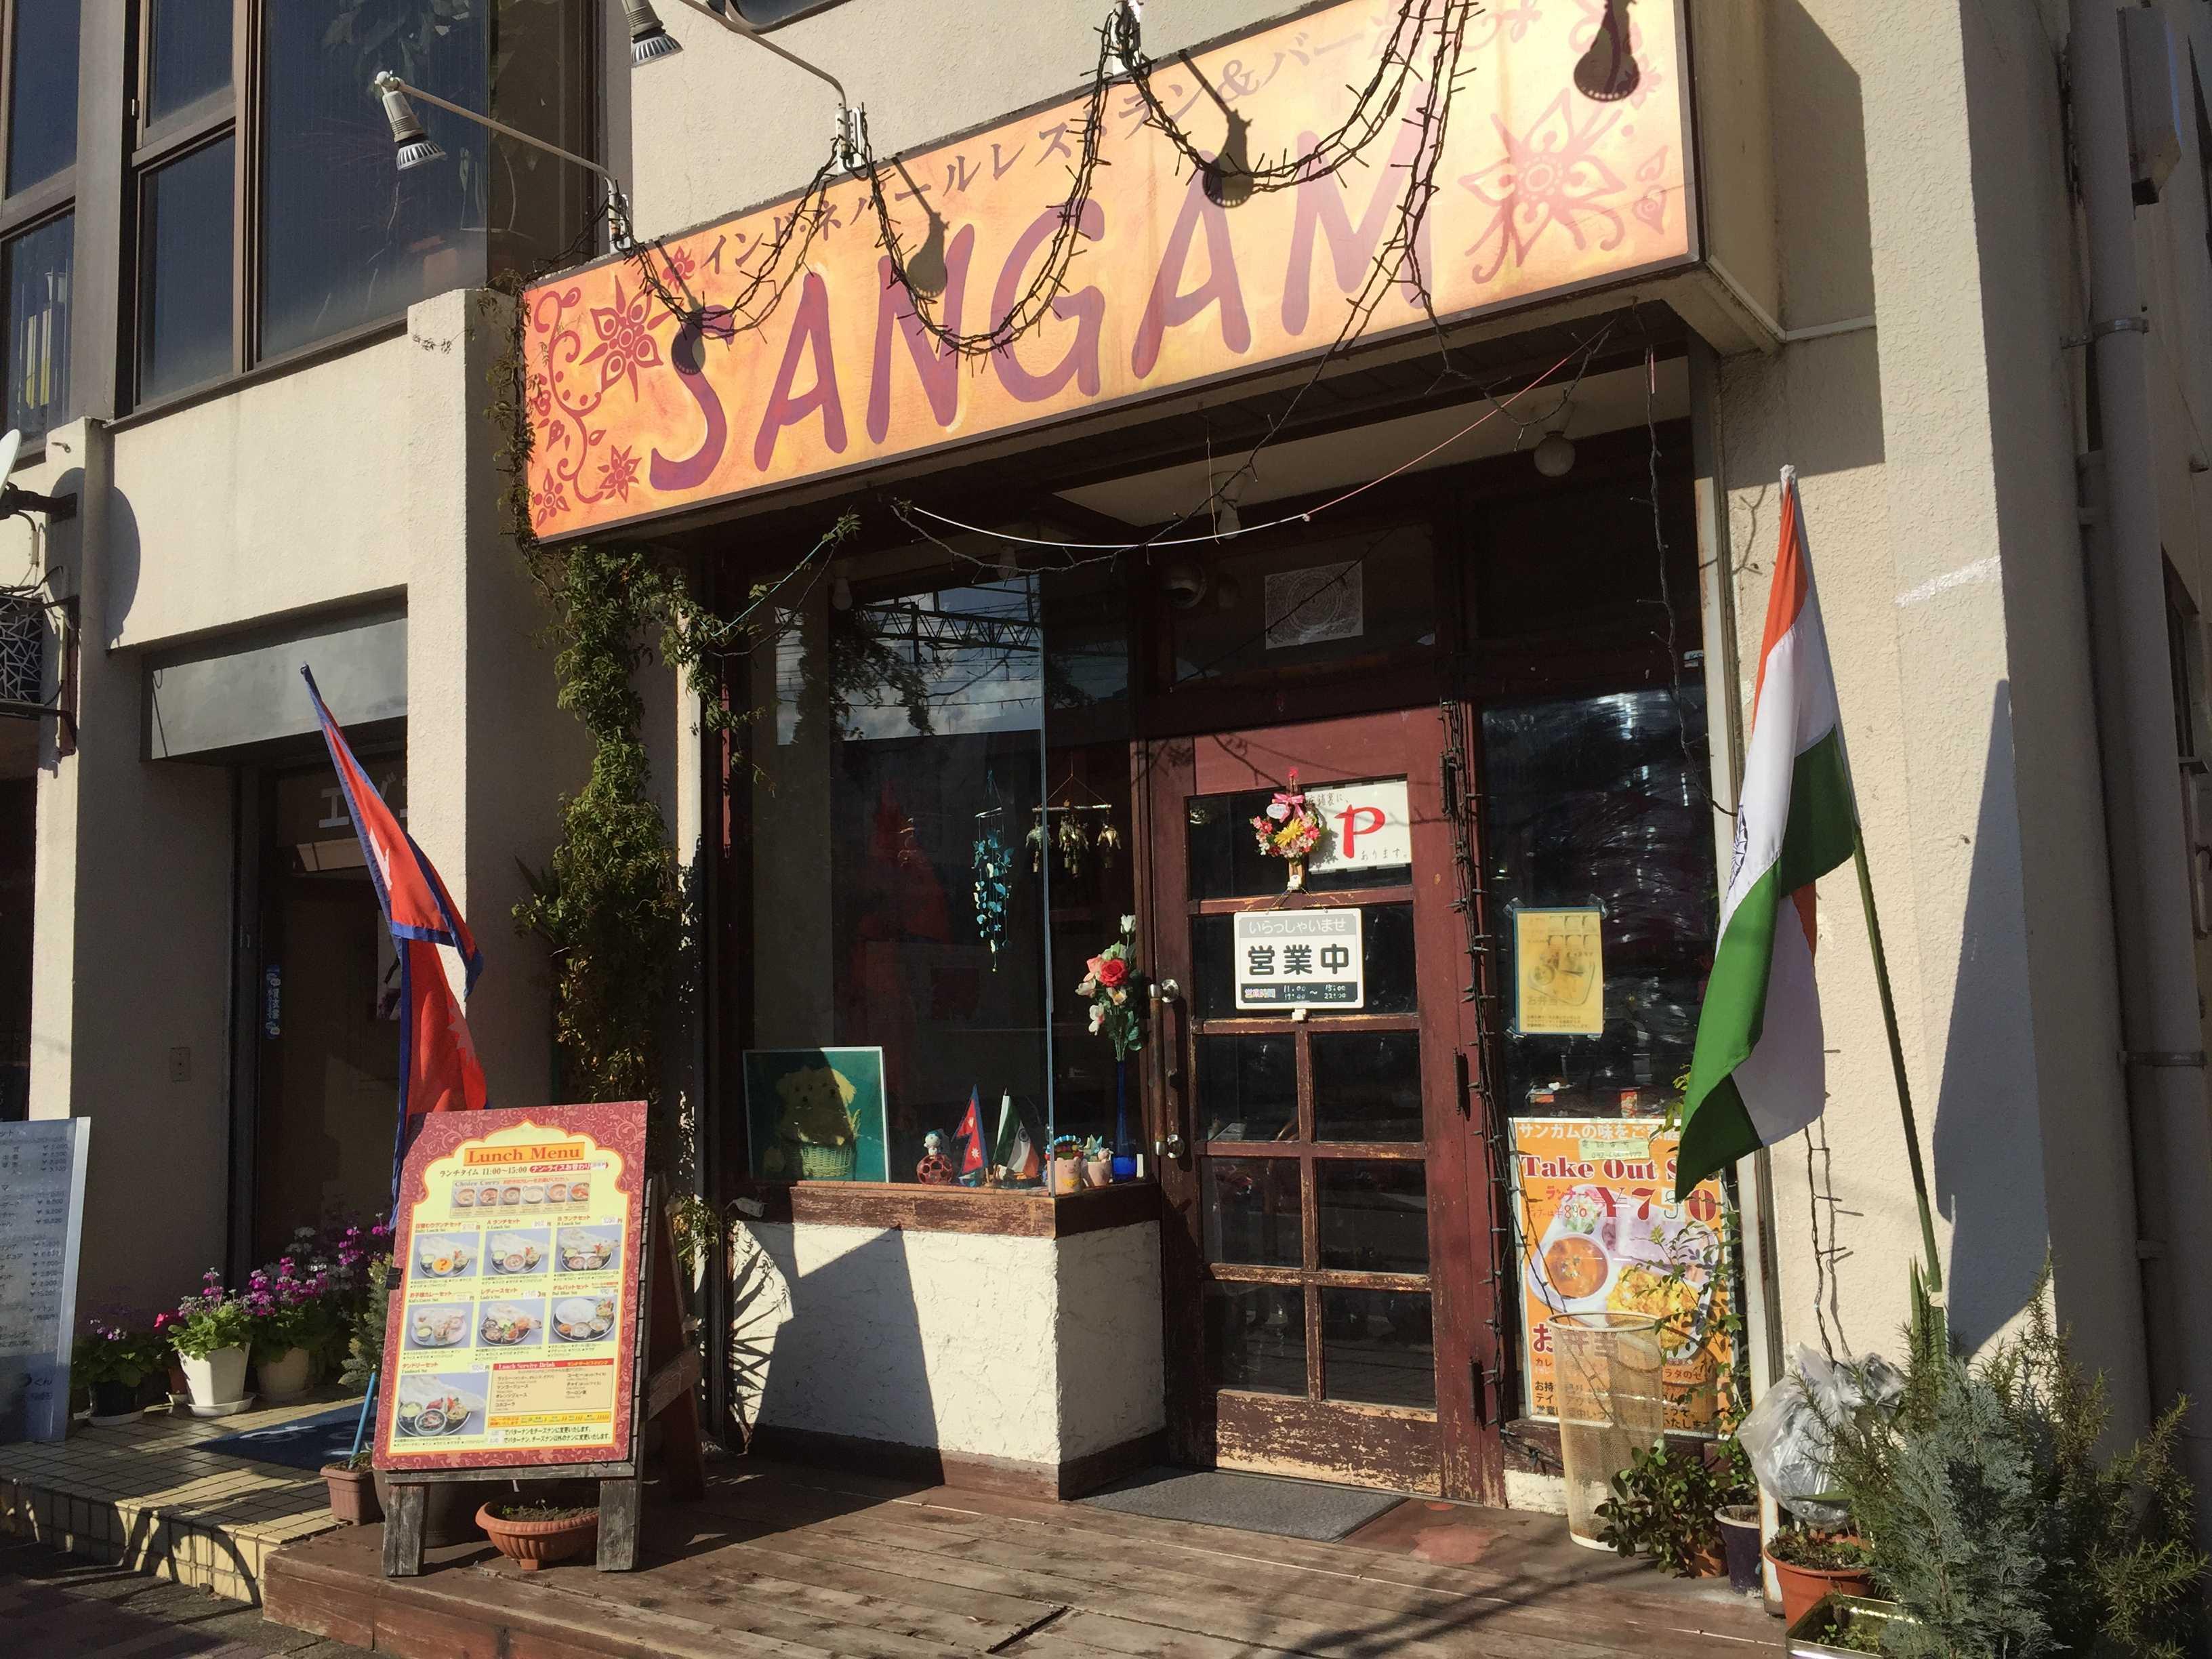 インド・ネパールレストラン&バー 京王北野駅前「サンガム(SANGAM)」